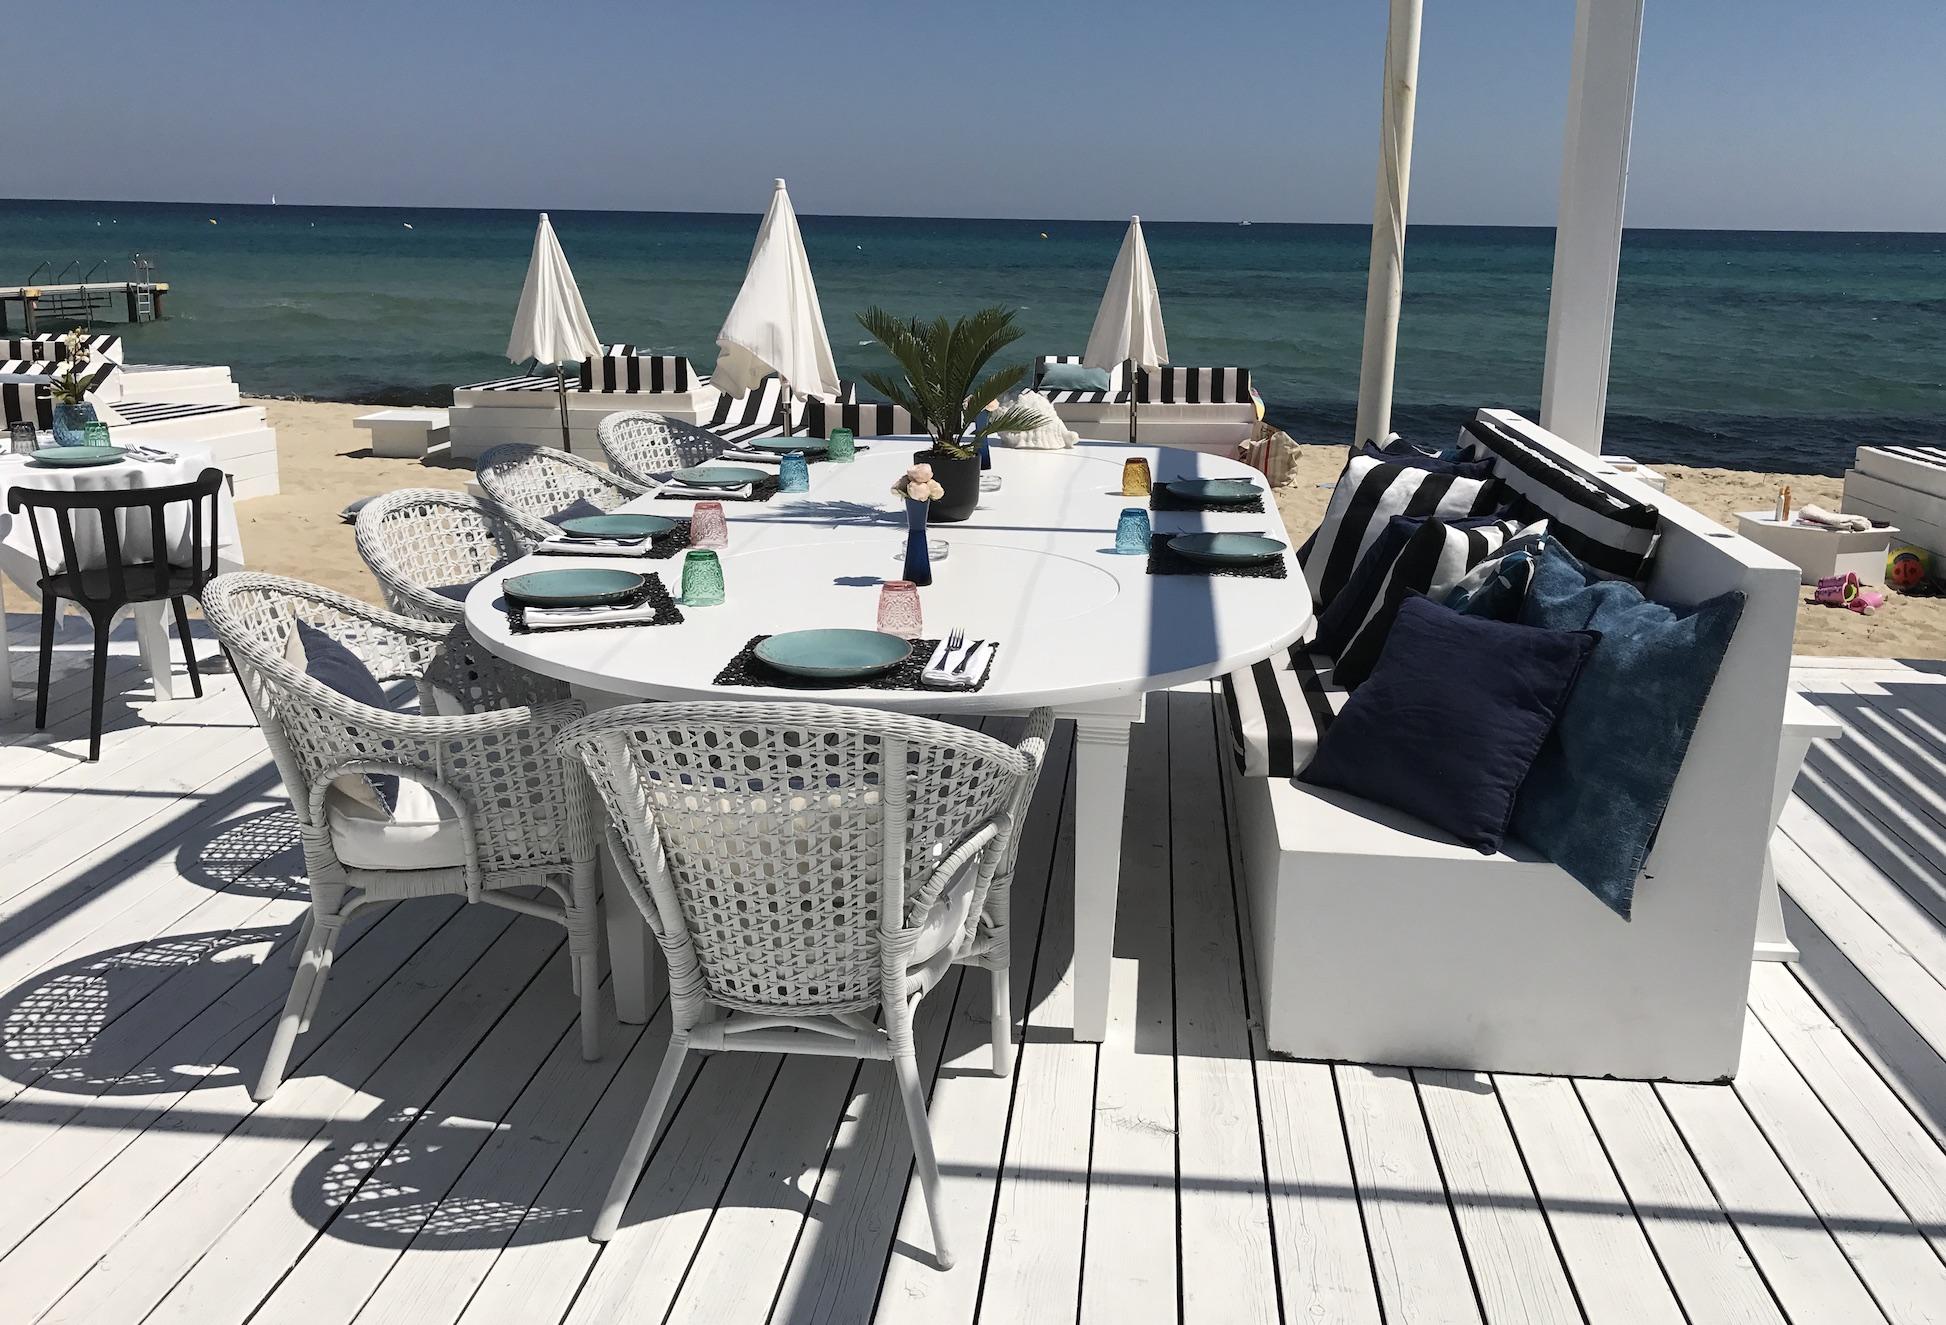 Maison Bianca Saint Tropez, Maison Bianca Pampelonne, Maison Bianca St. Tropez, stylish beach club Saint Tropez, Lifestyle-Blog, Lieblingsstil.com,